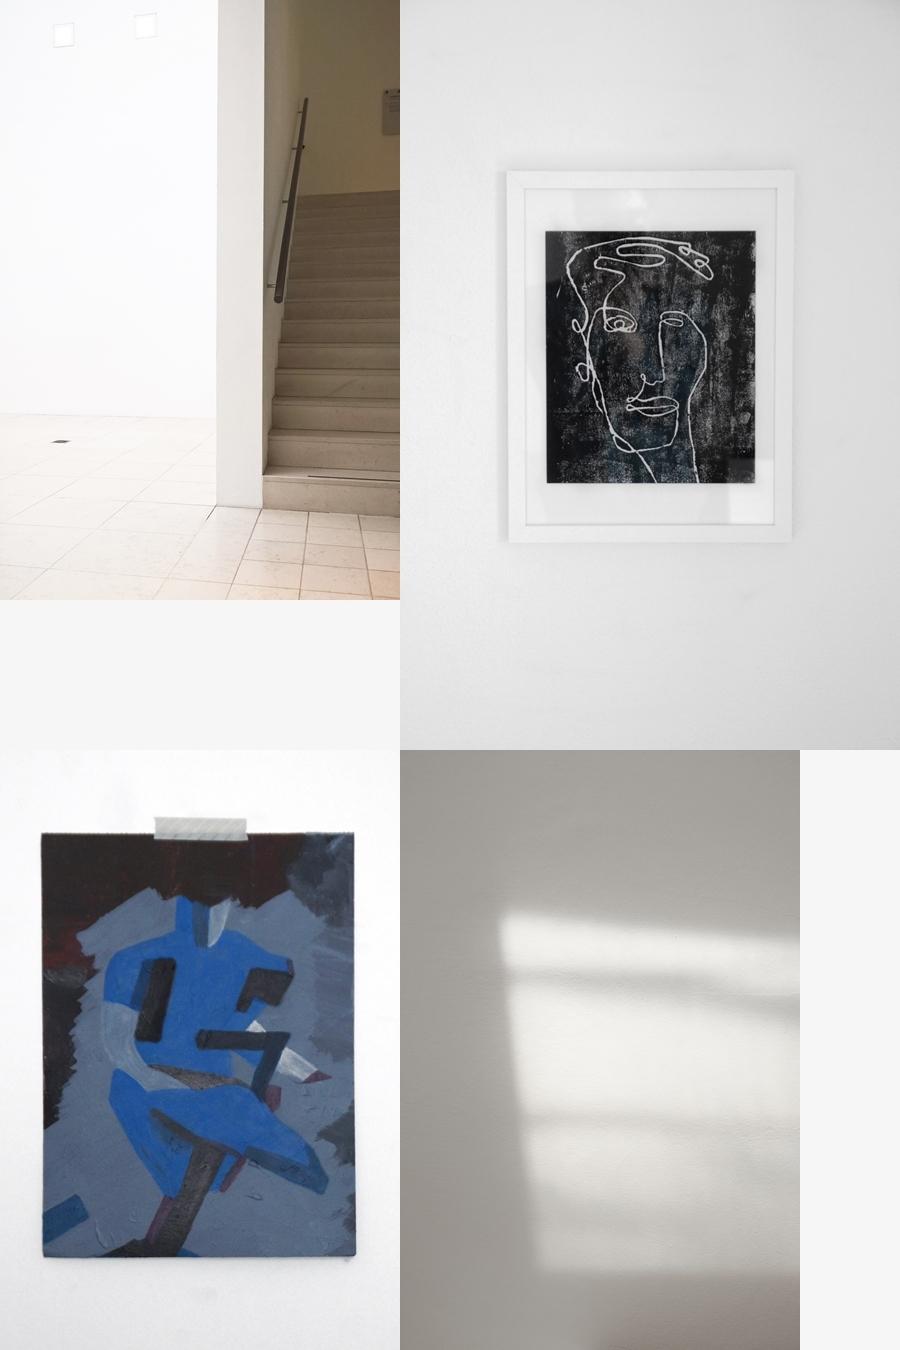 Porträt Holzschnitt und abstrakte Malerei Figur - Kunst-Update April 2019